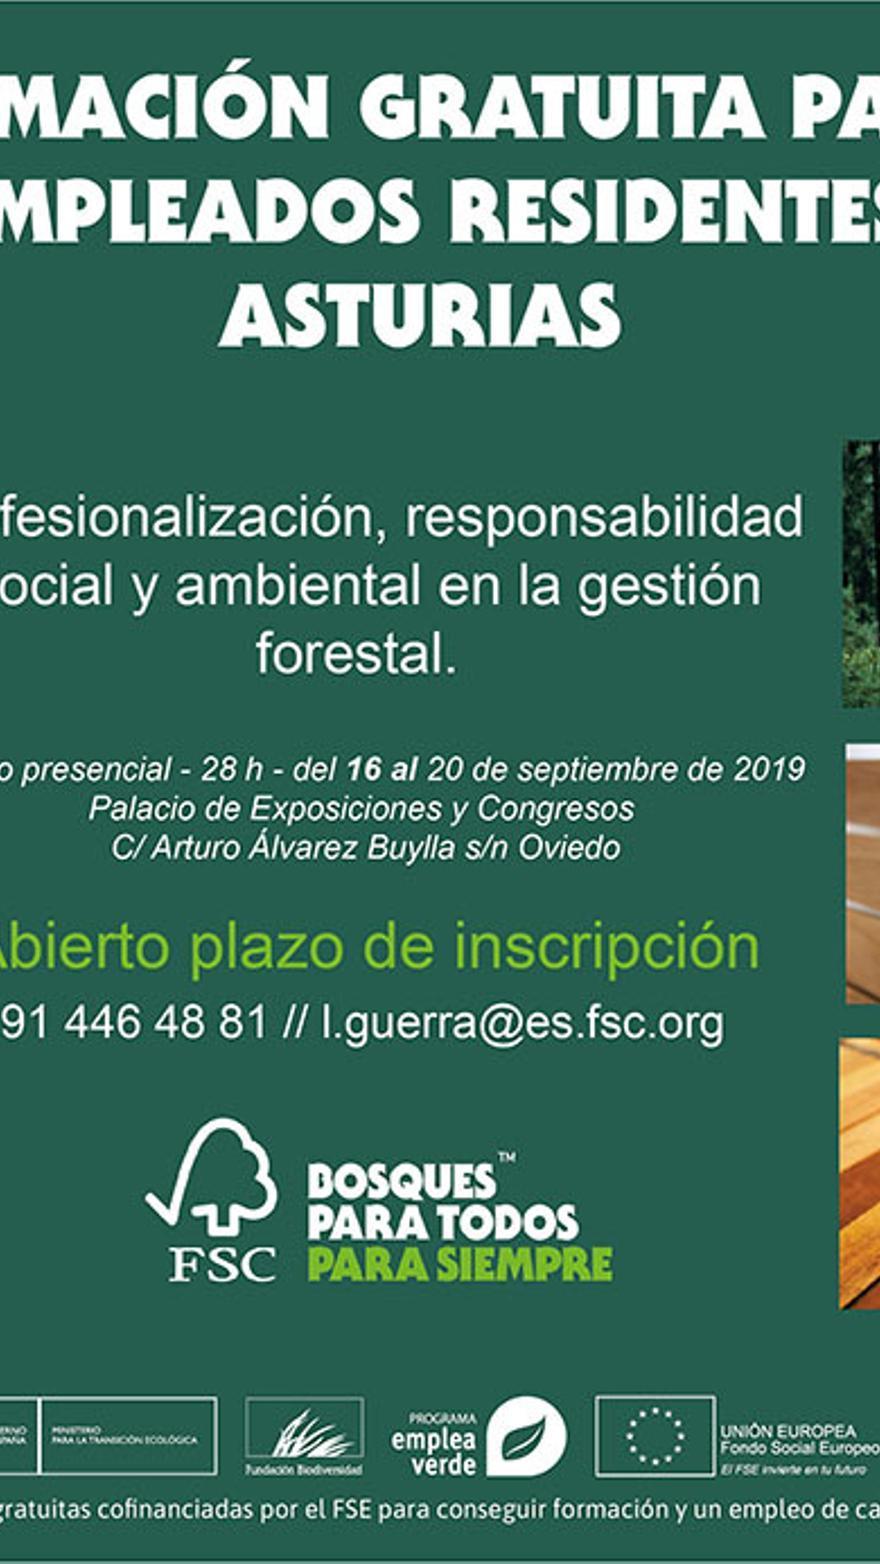 Cursos Gratuitos En Oviedo Para Desempleados Gestion Forestal